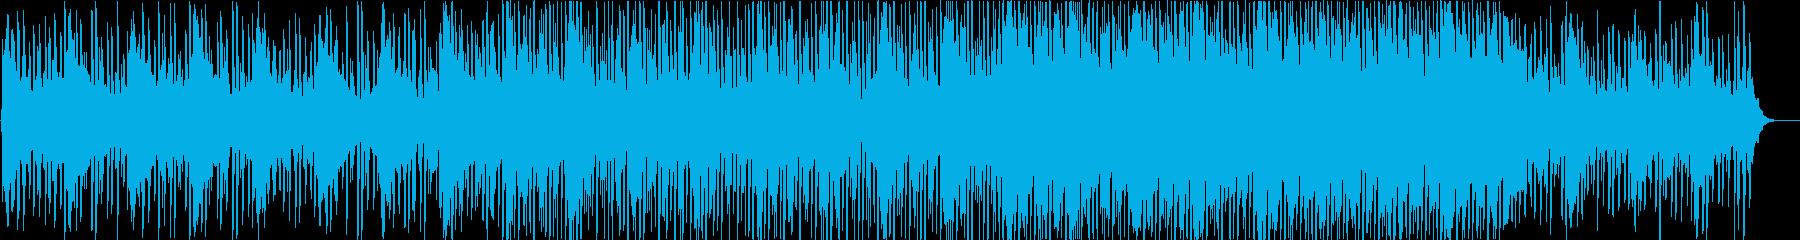 スピード感のある爽やかなエレクトロニックの再生済みの波形